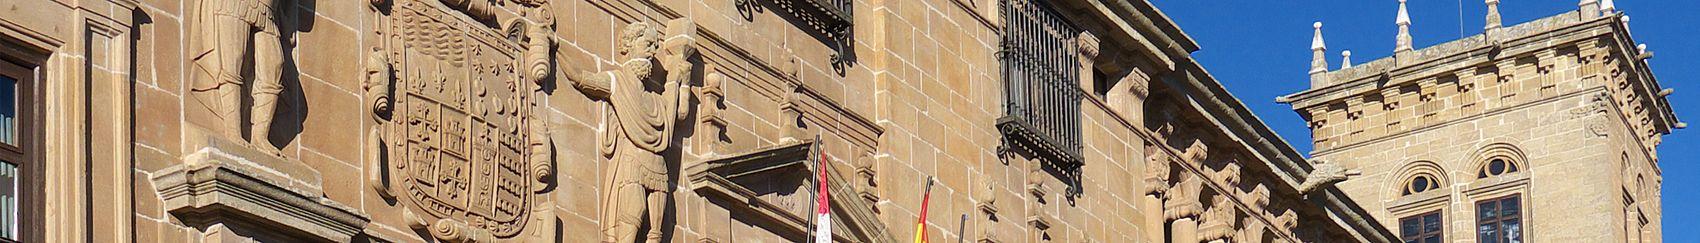 Locapedias de Soria